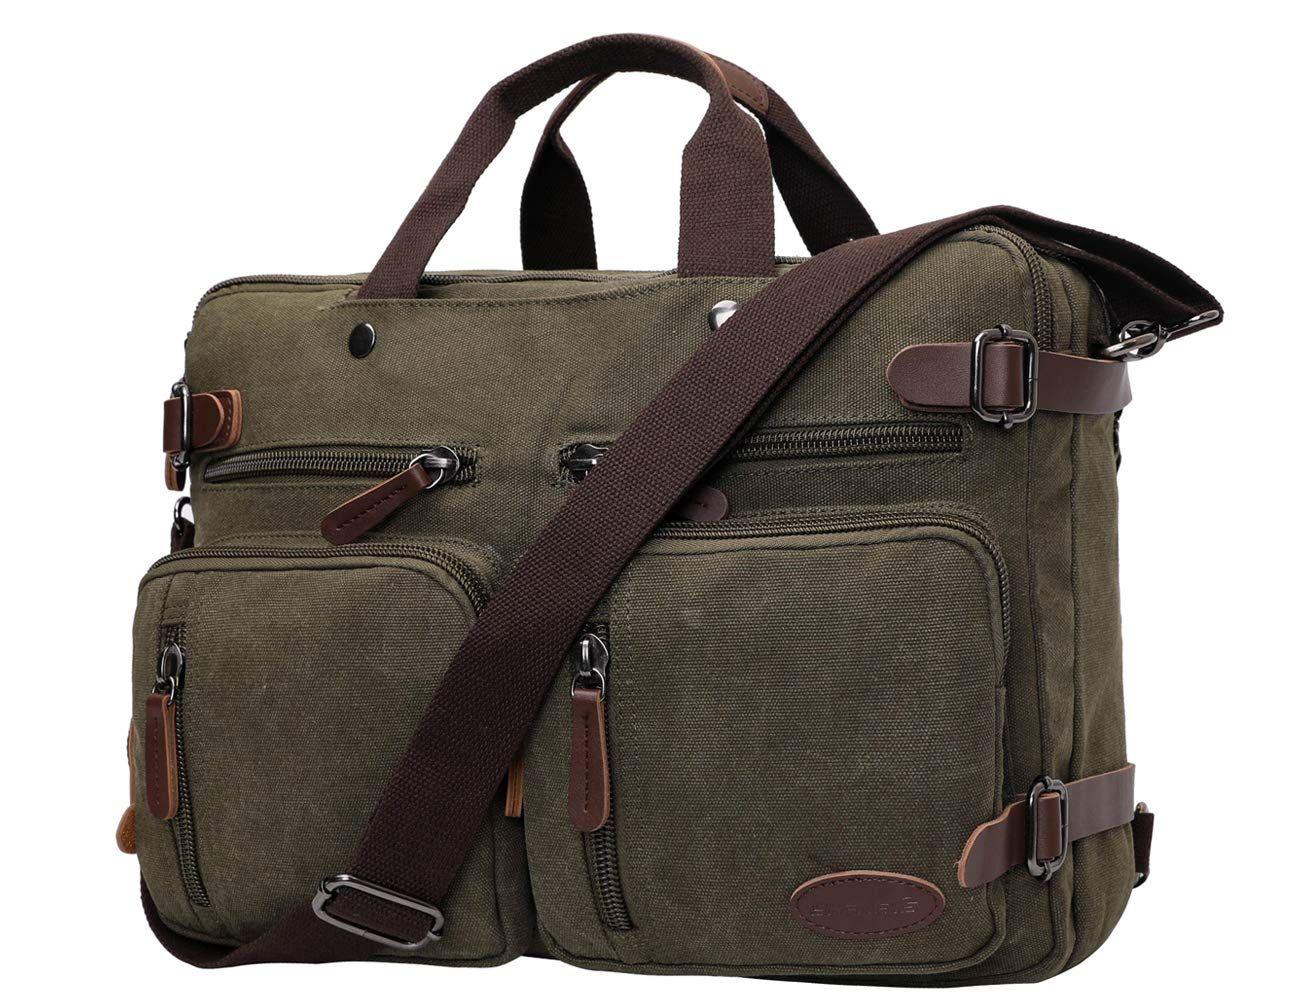 Bag for Work Gray Leather Laptop Case Mens Gift Unisex Briefcase Satchel Briefcase Handbag Bag for School 13 Inch Leather Laptop Bag